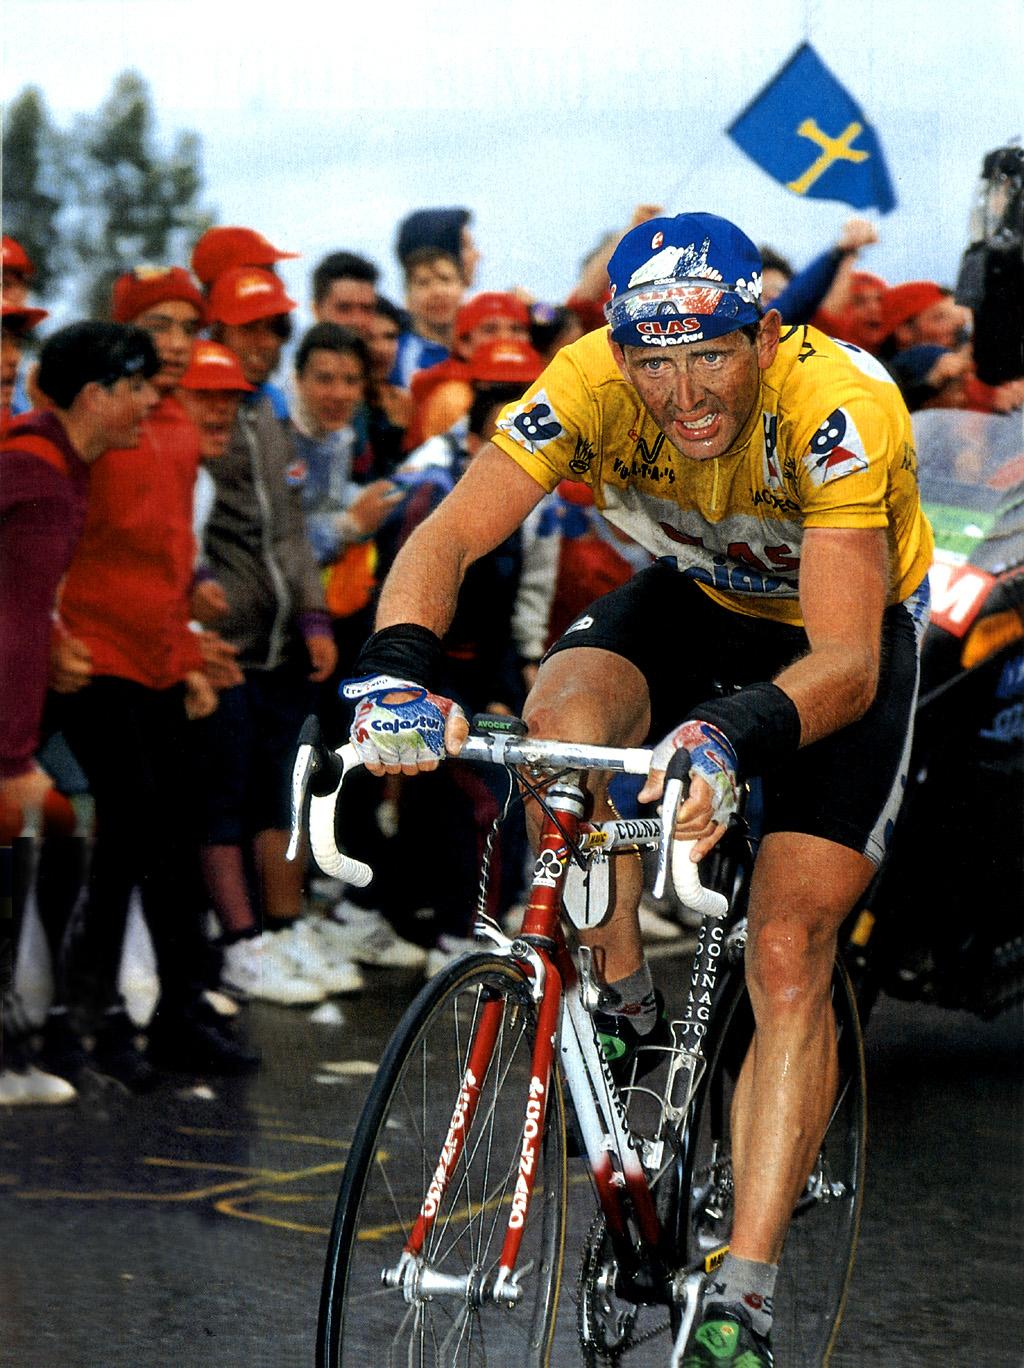 Vuelta 93; la apoteosis final del Clas-Cajastur